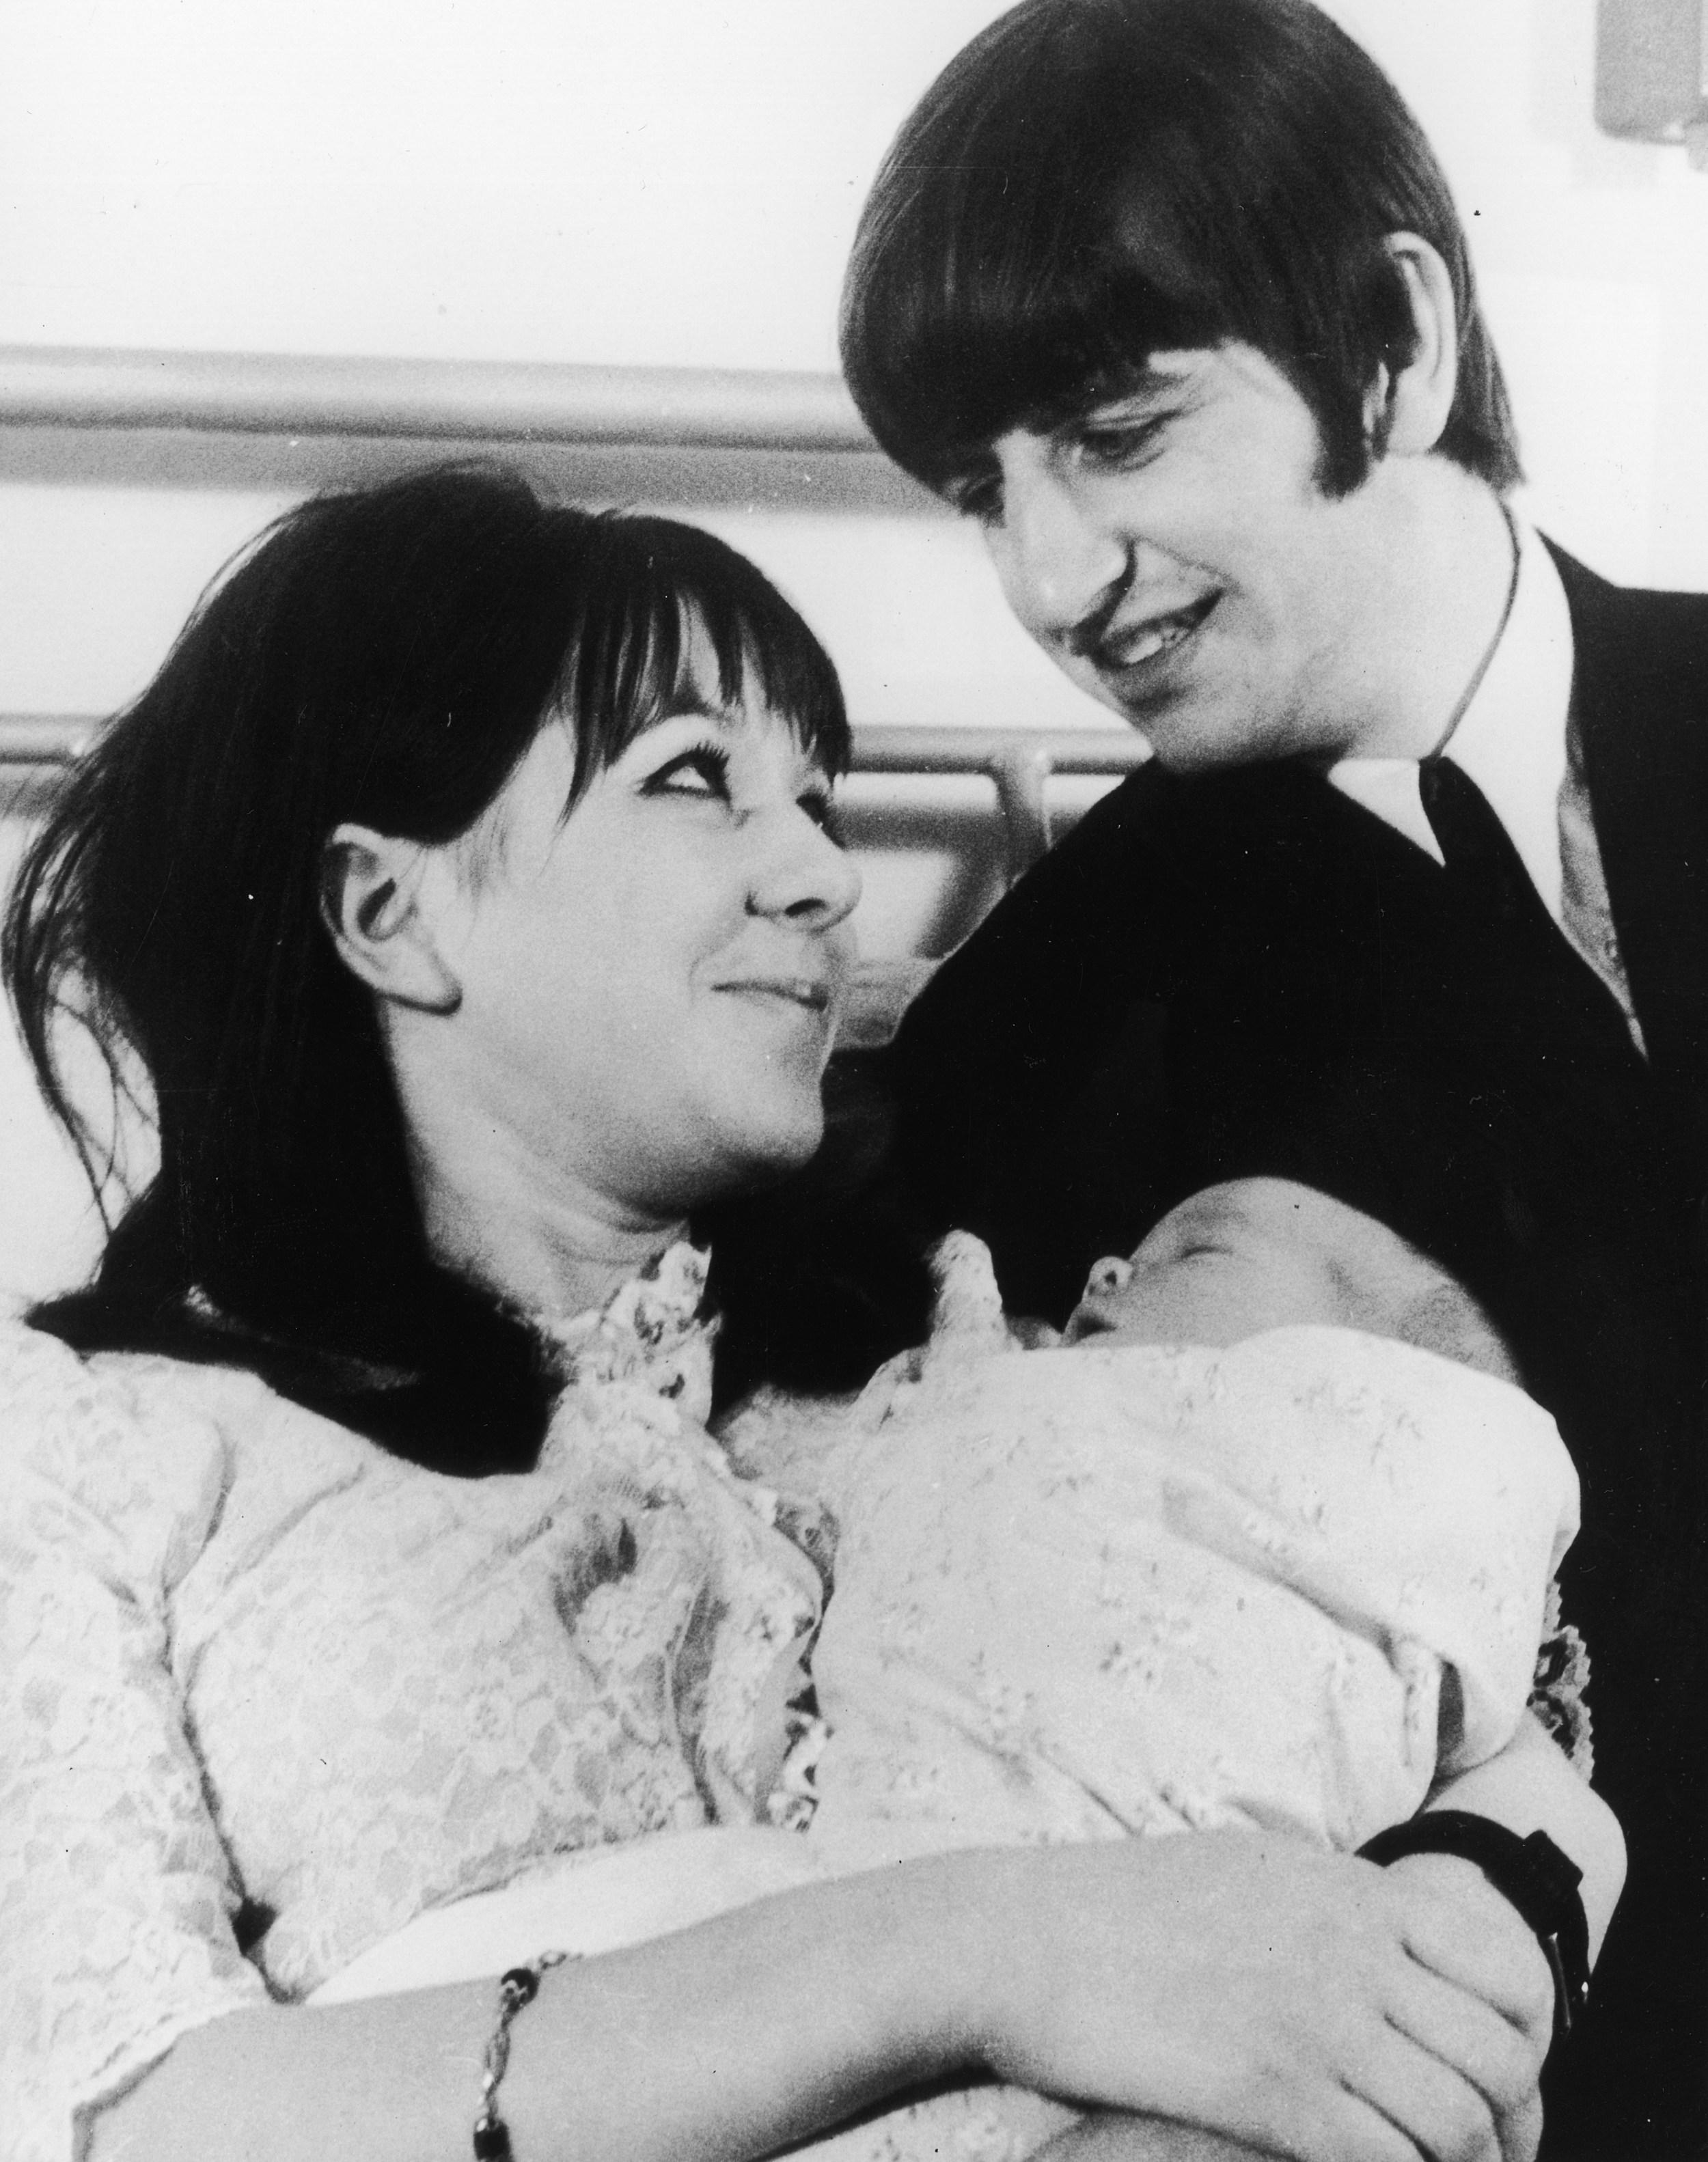 Son Of Ringo